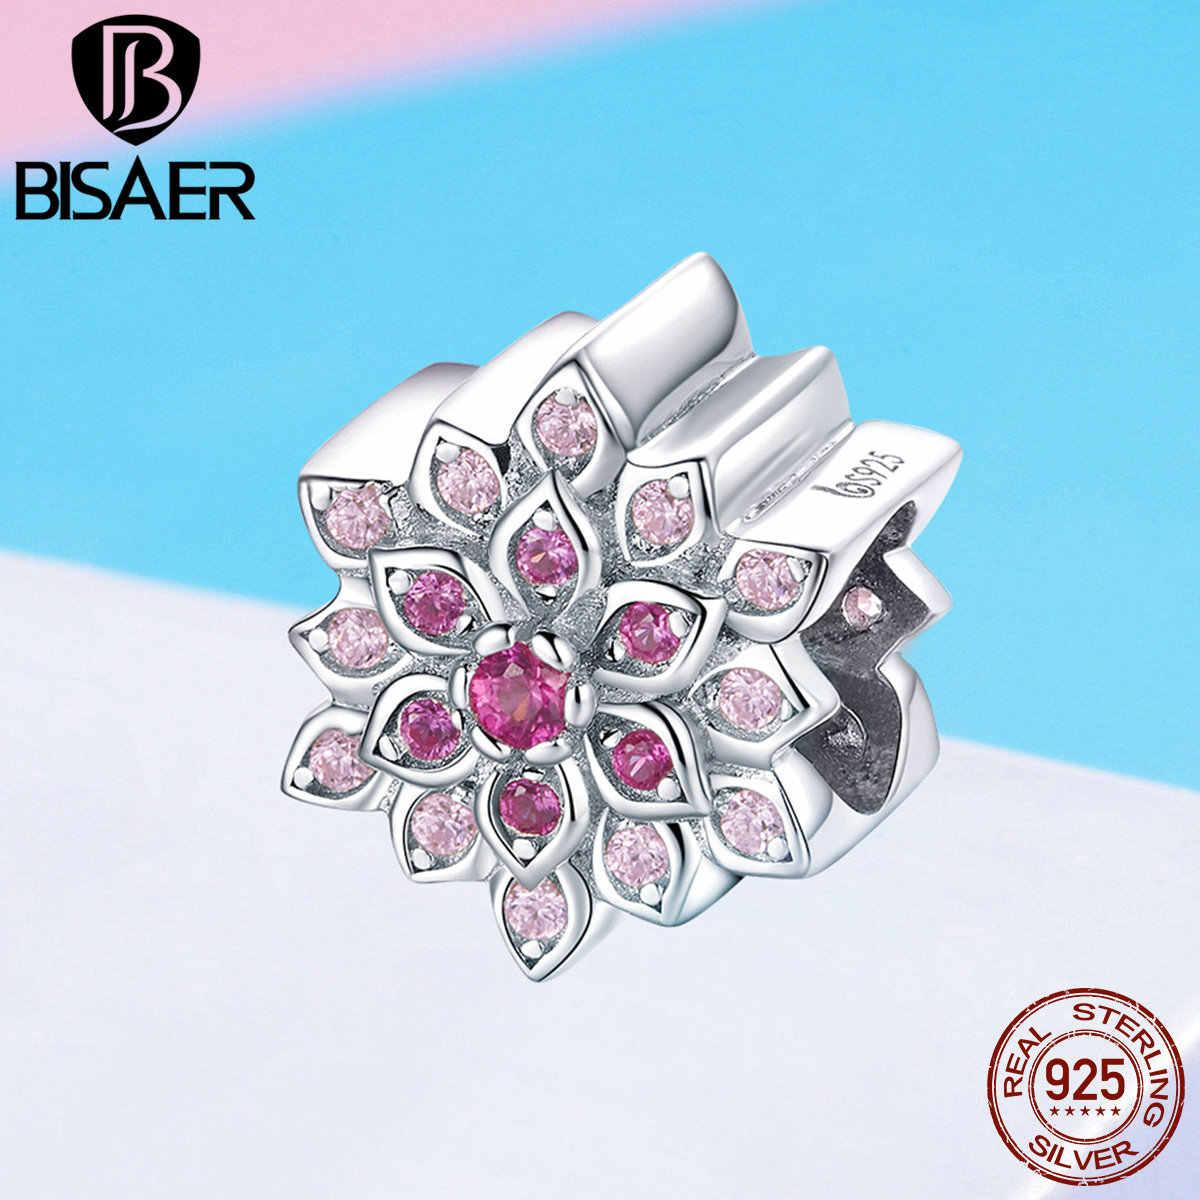 Bisaer real 925 prata esterlina rosa vermelho flor de lótus contas ajuste encantos pulseiras & pulseiras jóias de prata esterlina efc038